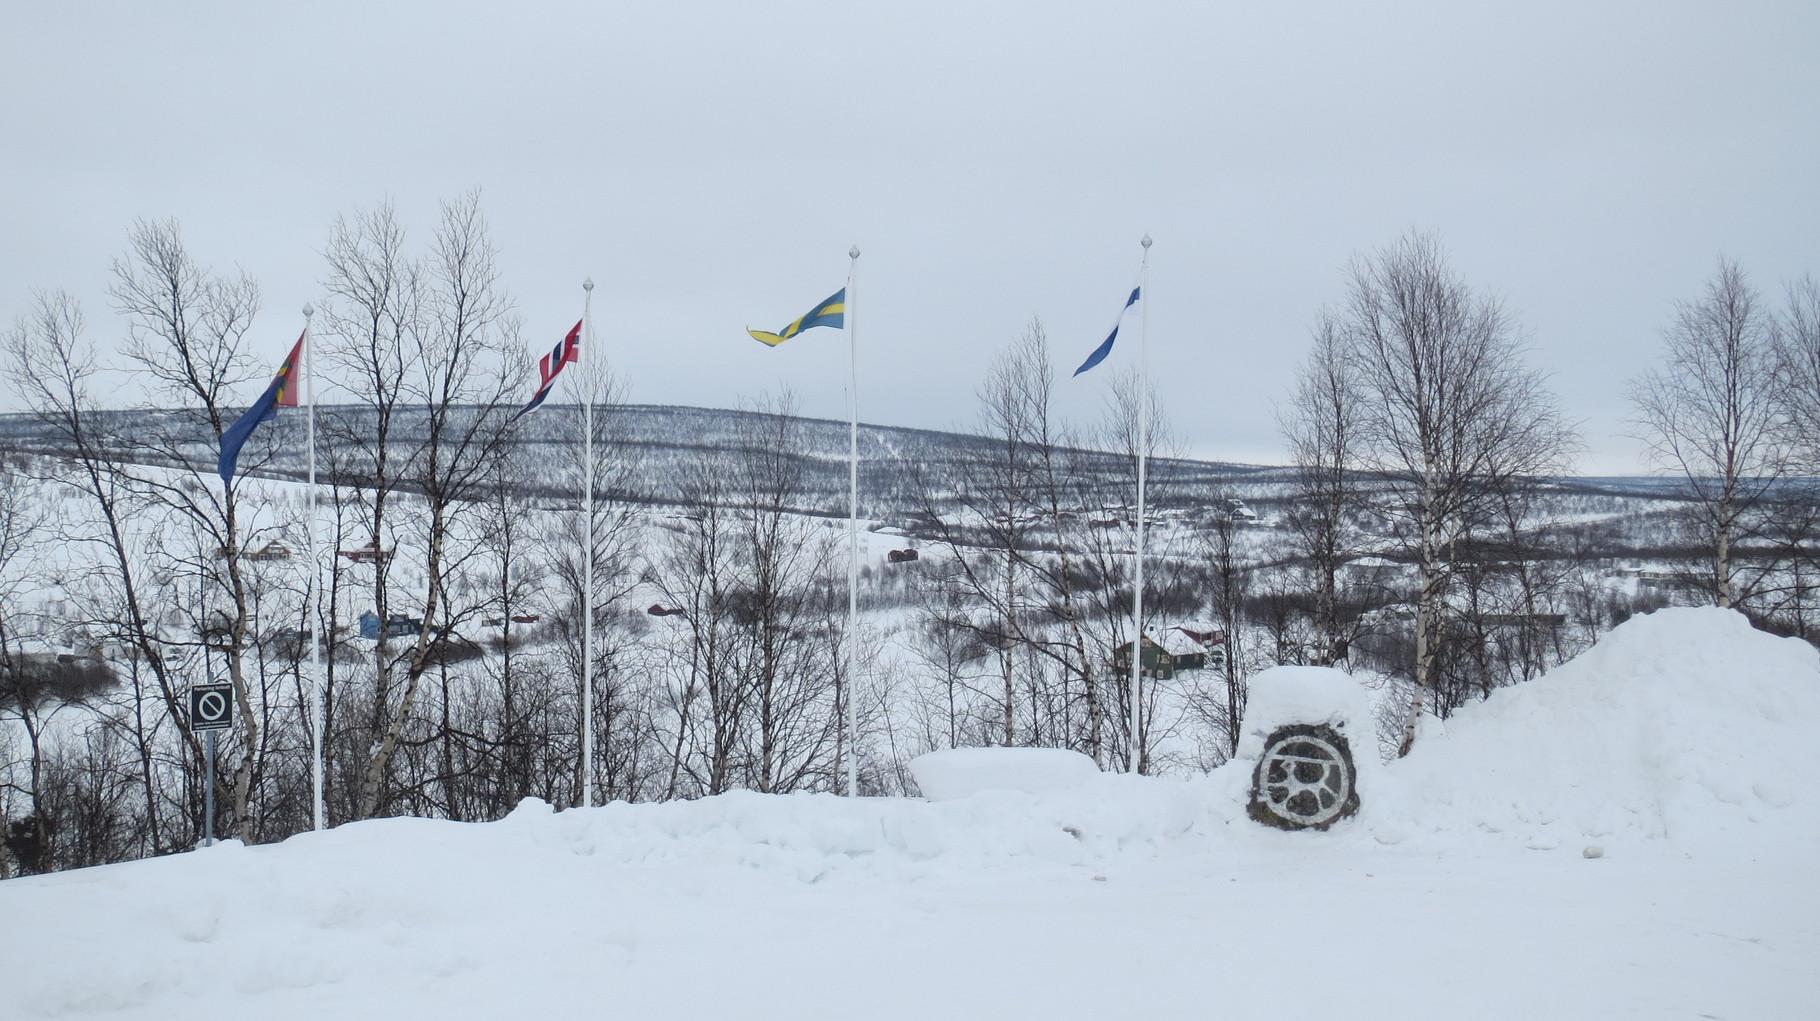 Am nächsten Morgen geht es weiter ins Landesinnere in die Sami-Siedlung Kautokeino.